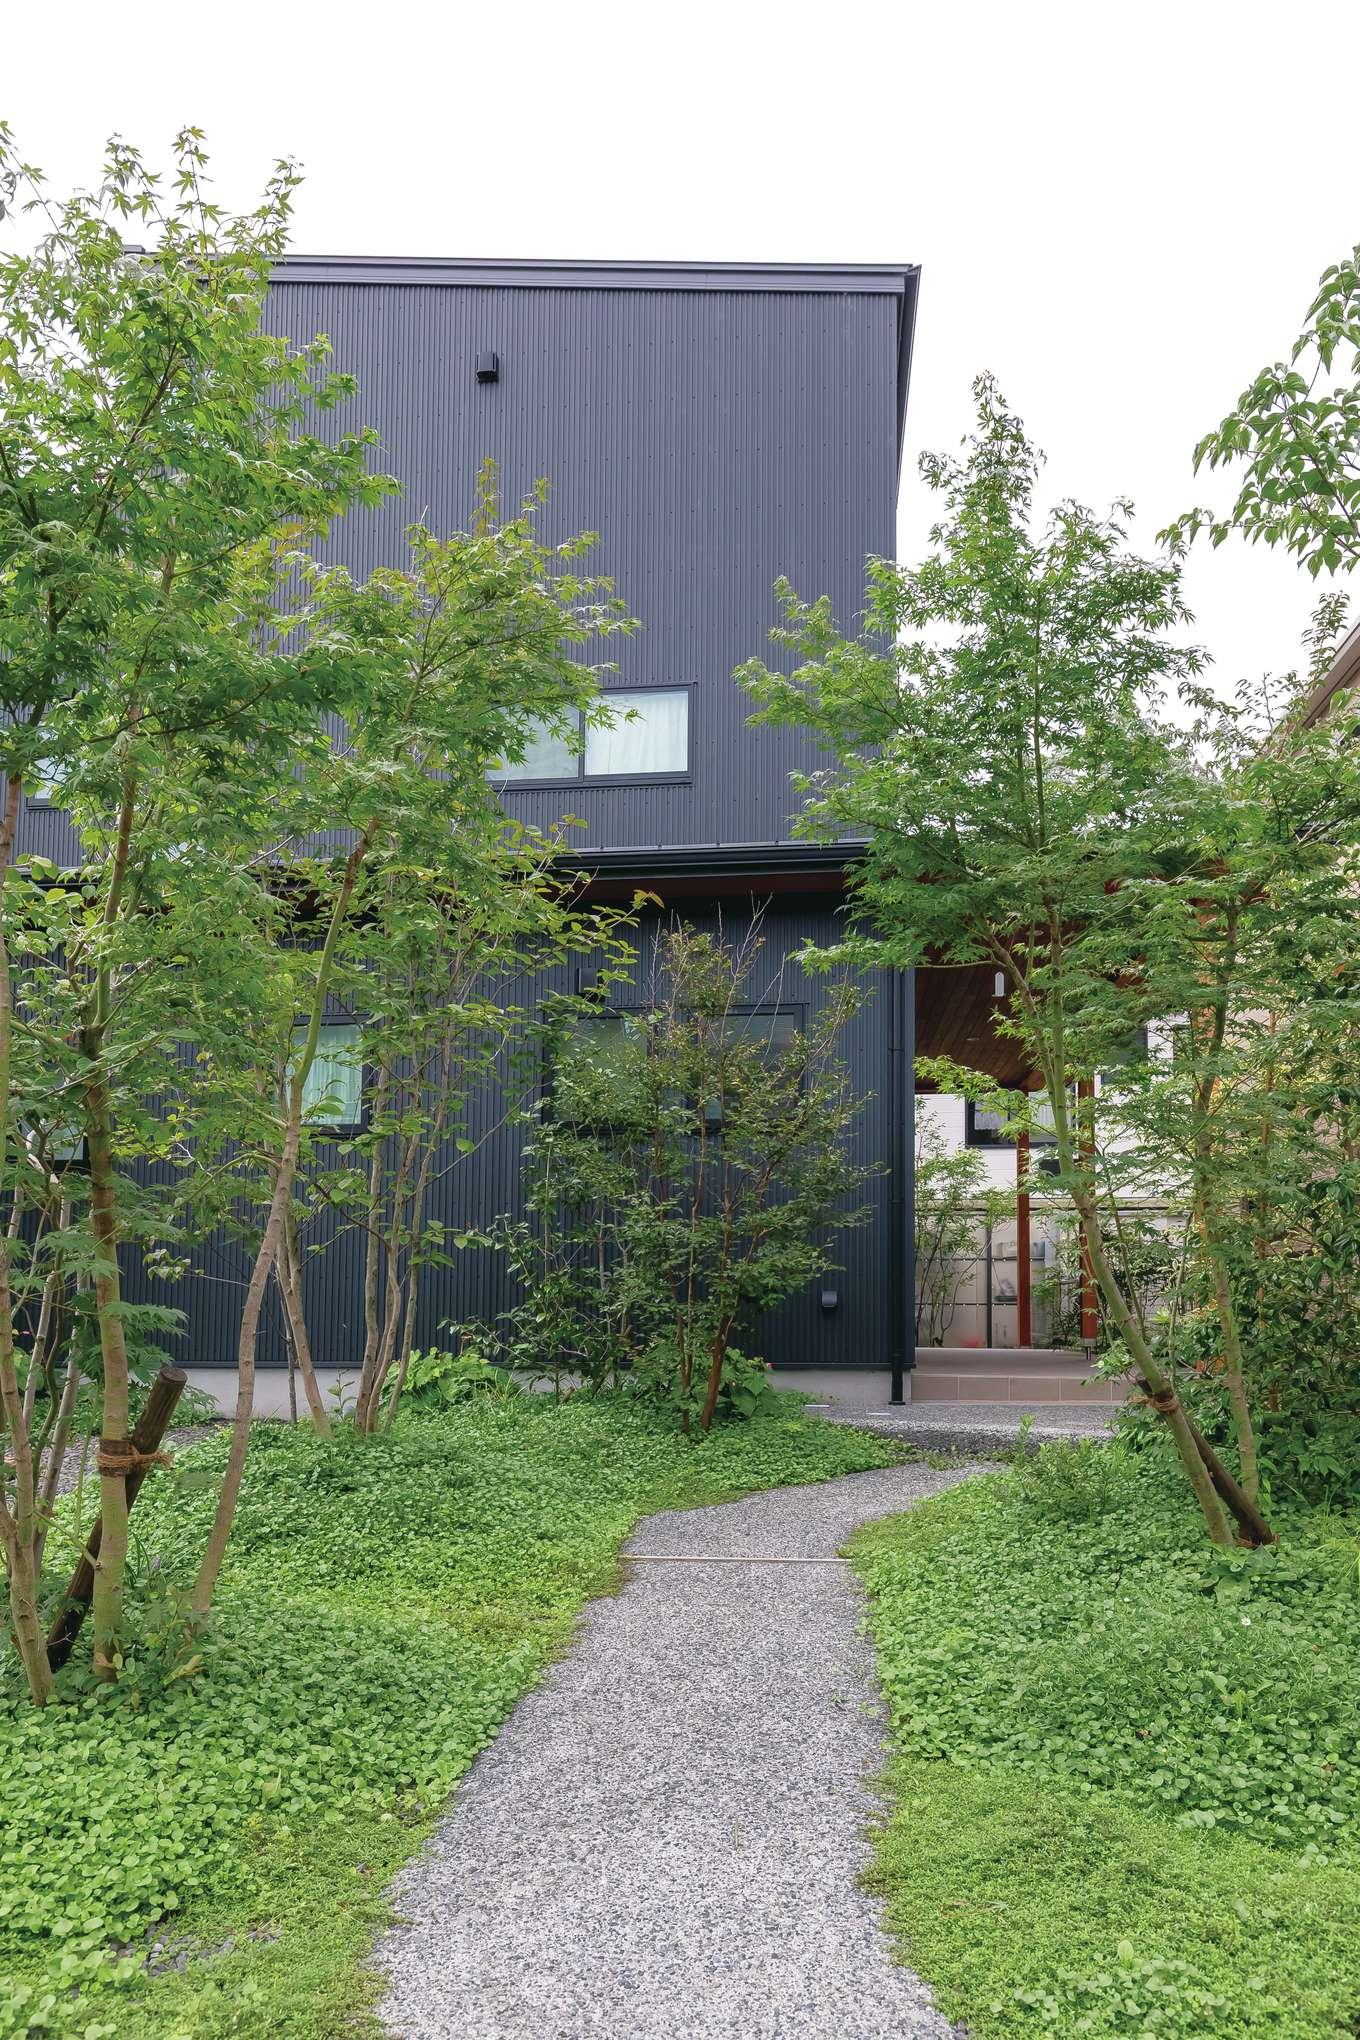 フジモクの家(富士木材)【デザイン住宅、子育て、自然素材】木々のささやきが聞こえてきそうな美しいアプローチも『フジモク』の得意とするところ。緩やかな弧を描く小径を歩くたびに心が躍る